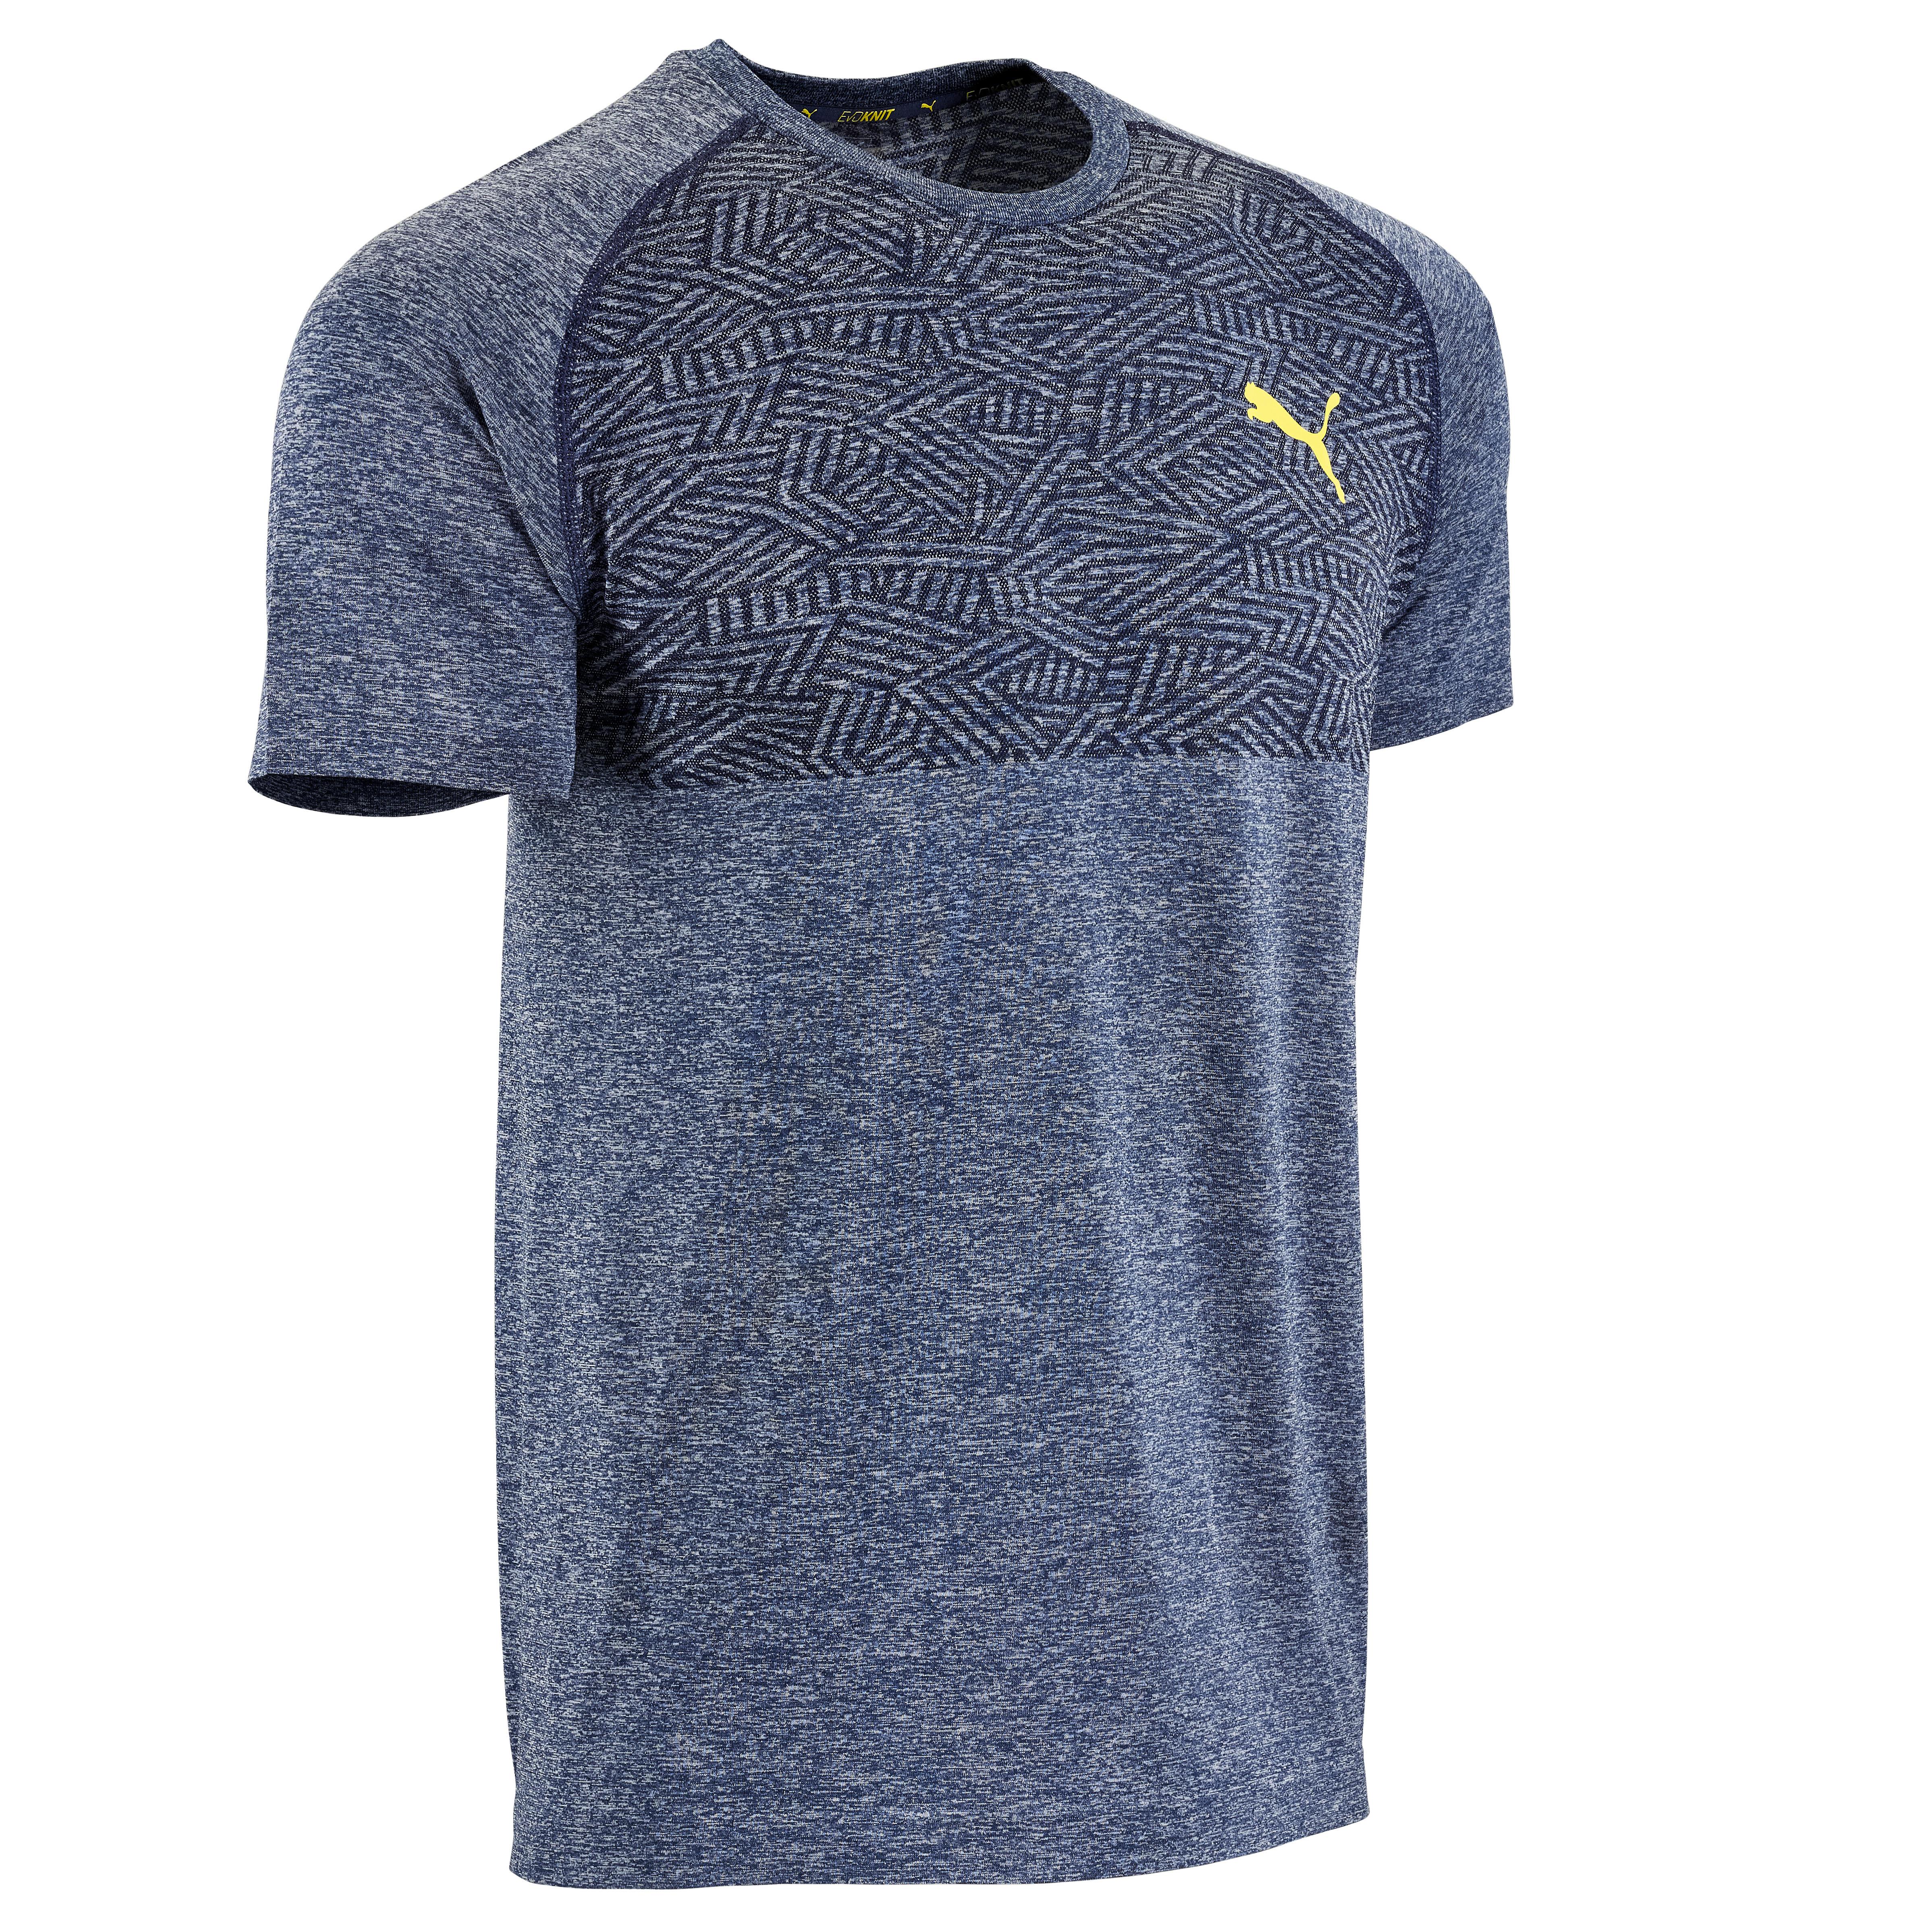 Puma Cardiofitness T-shirt heren Puma seamless blauw